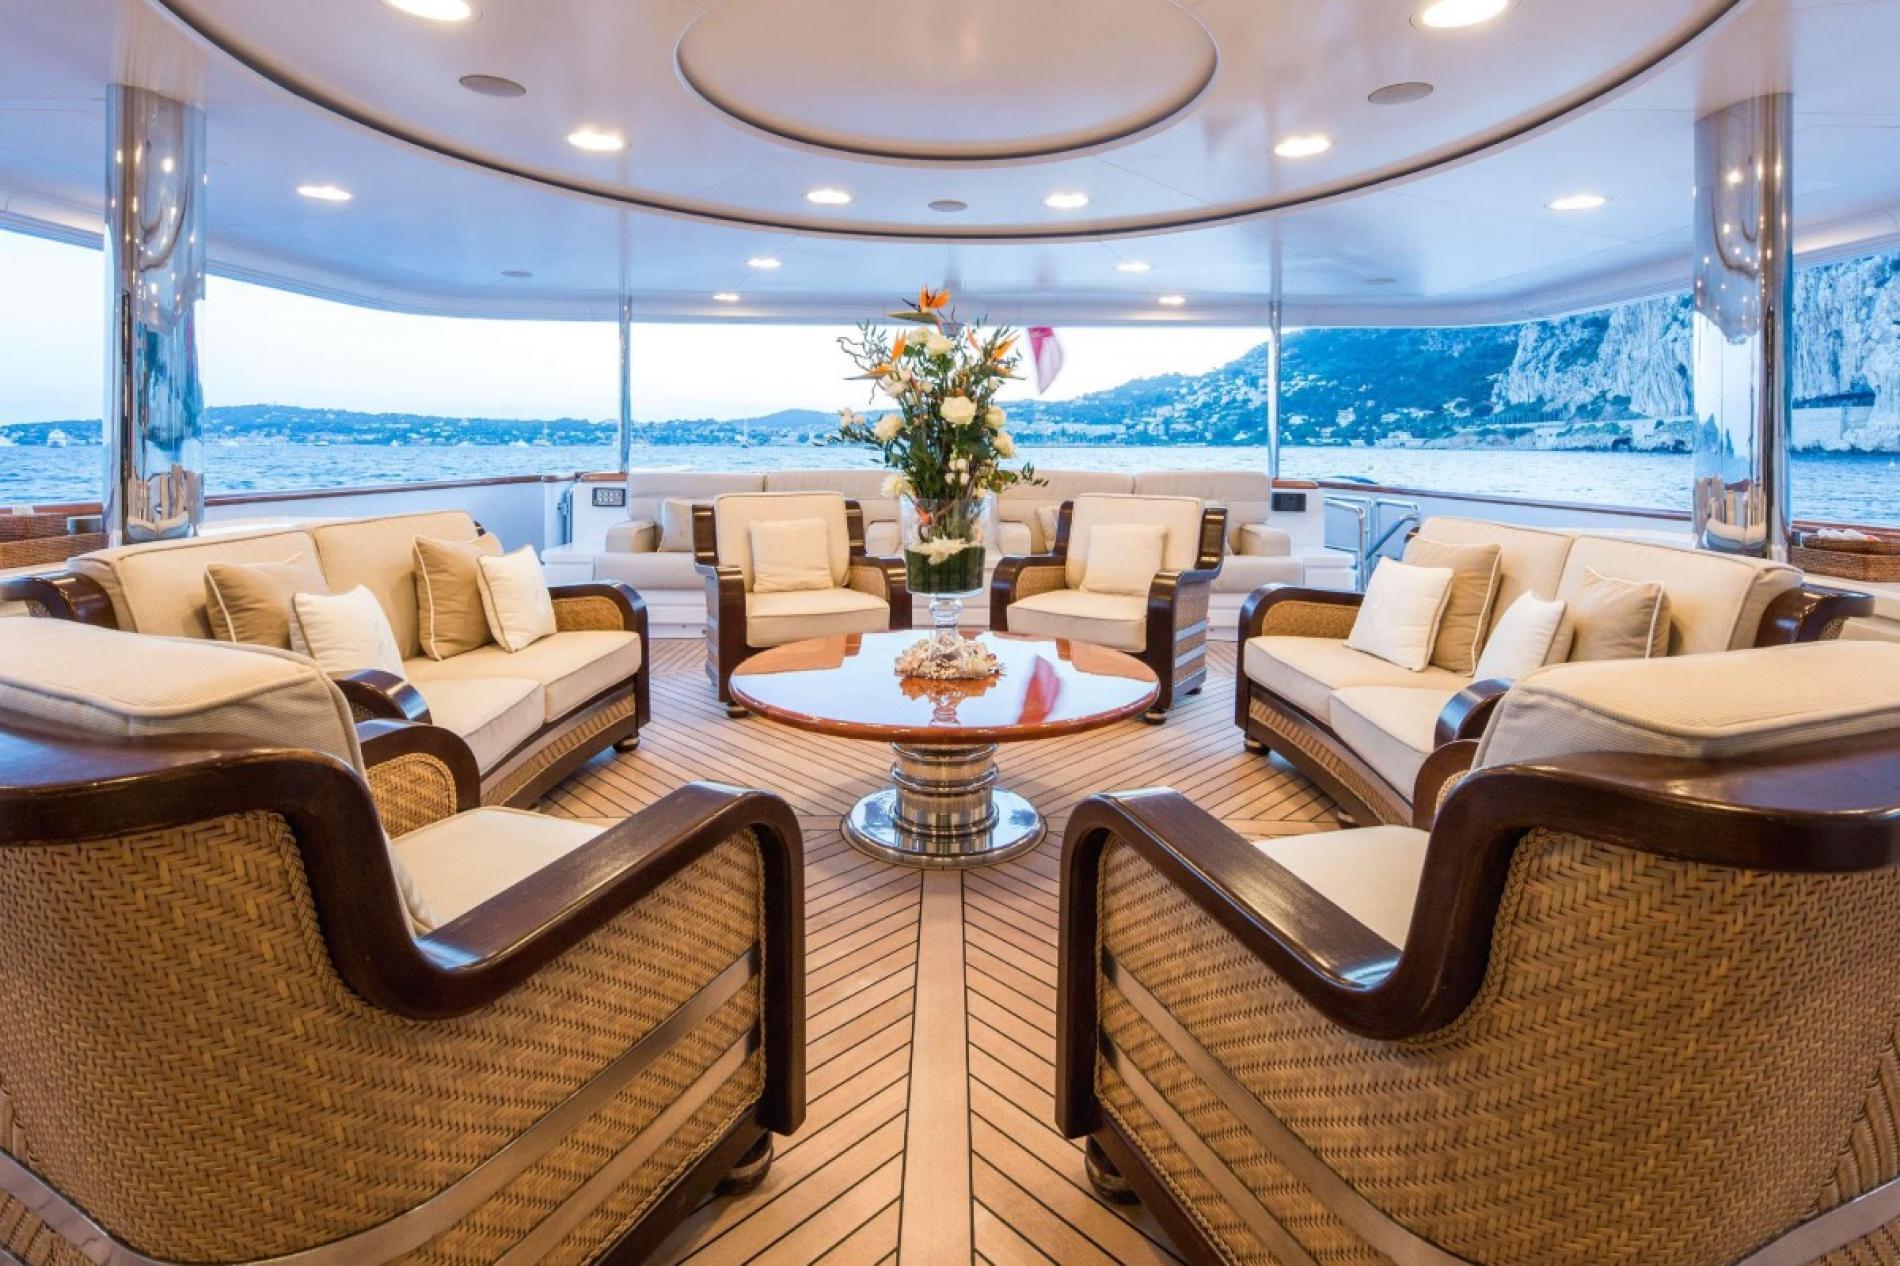 ELENI - Luxury Motor Yacht For Charter - Exterior Design - Img 1   C&N